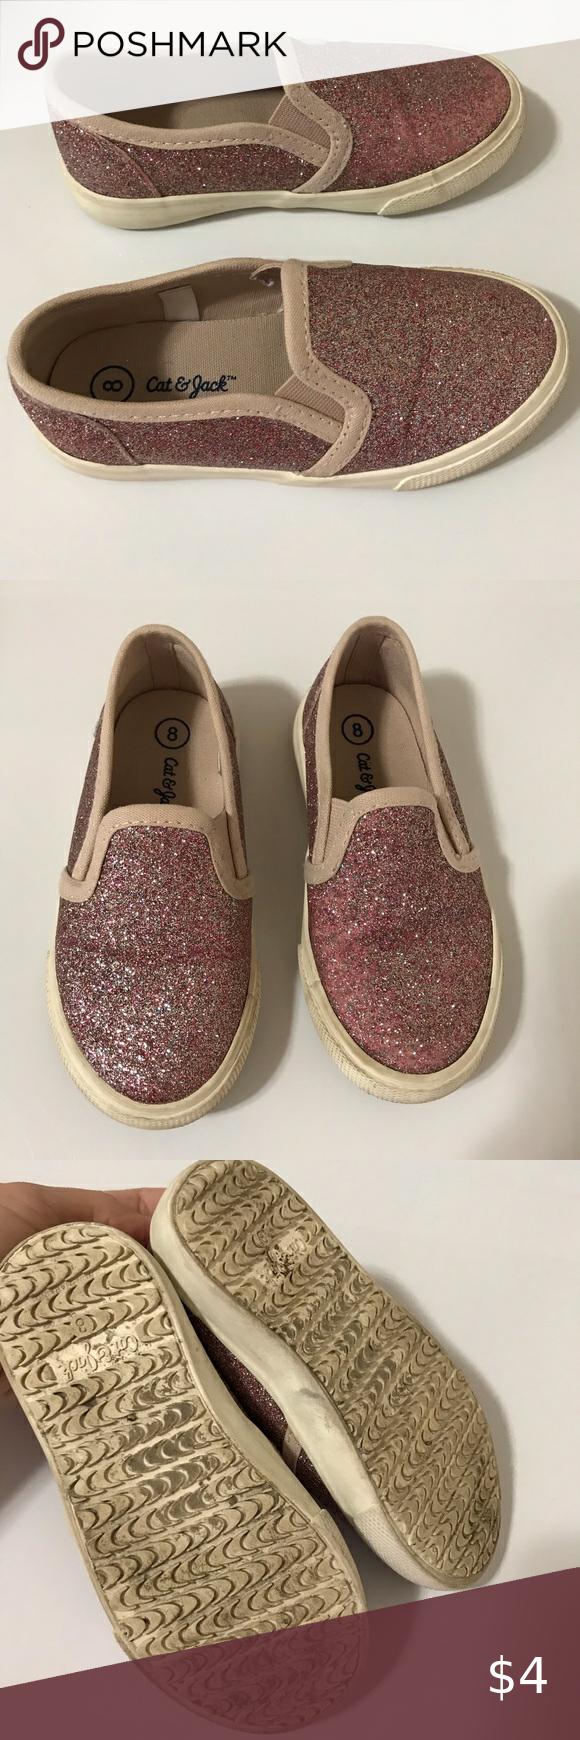 Target Cat \u0026 Jack Toddler Glitter Shoes